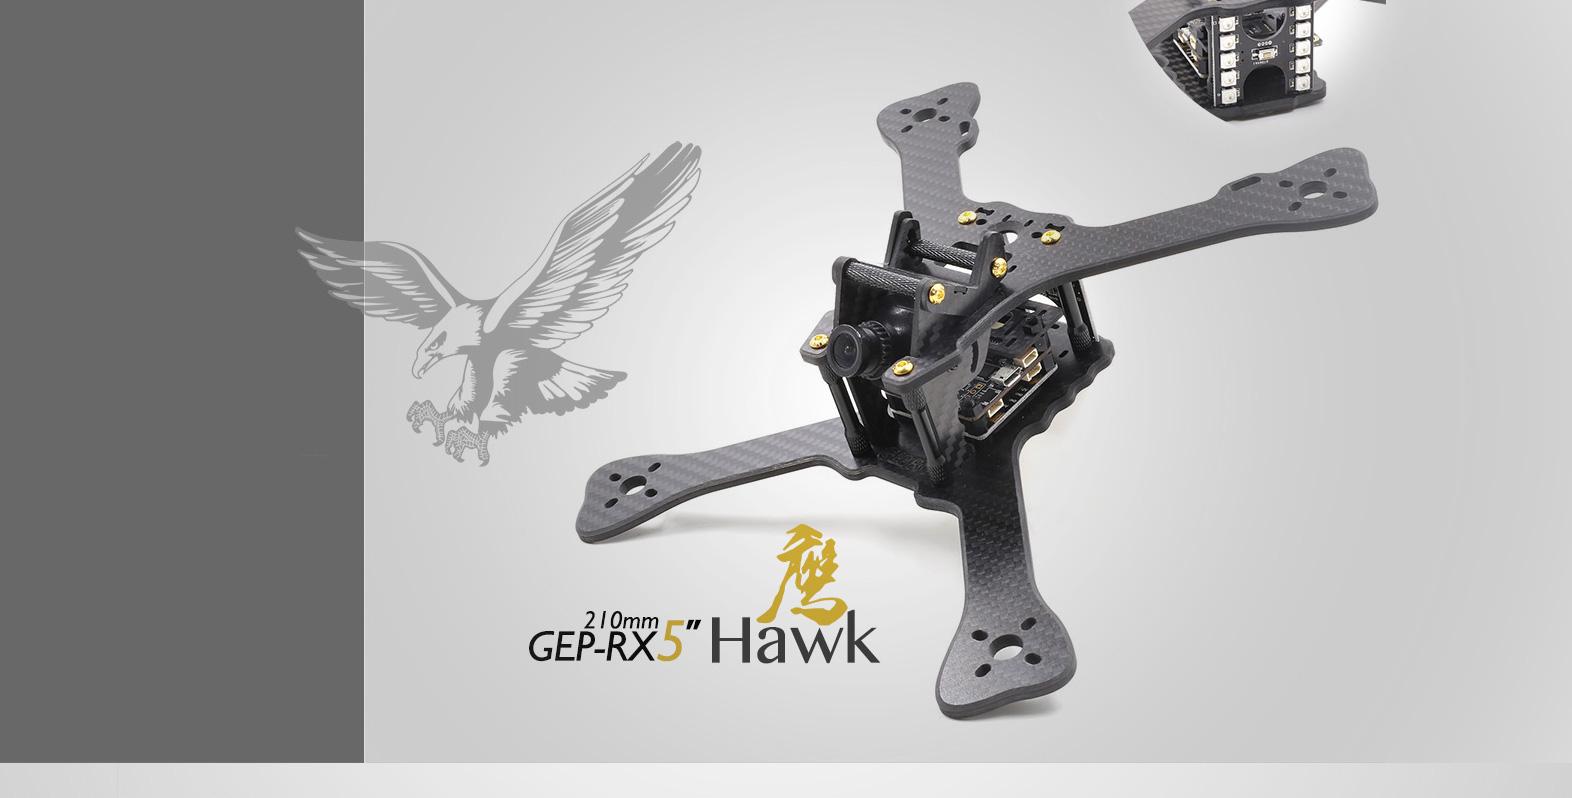 GEPRC GEP-RX5 Hawk 210mm FPV Racing Drone X-Z Frame